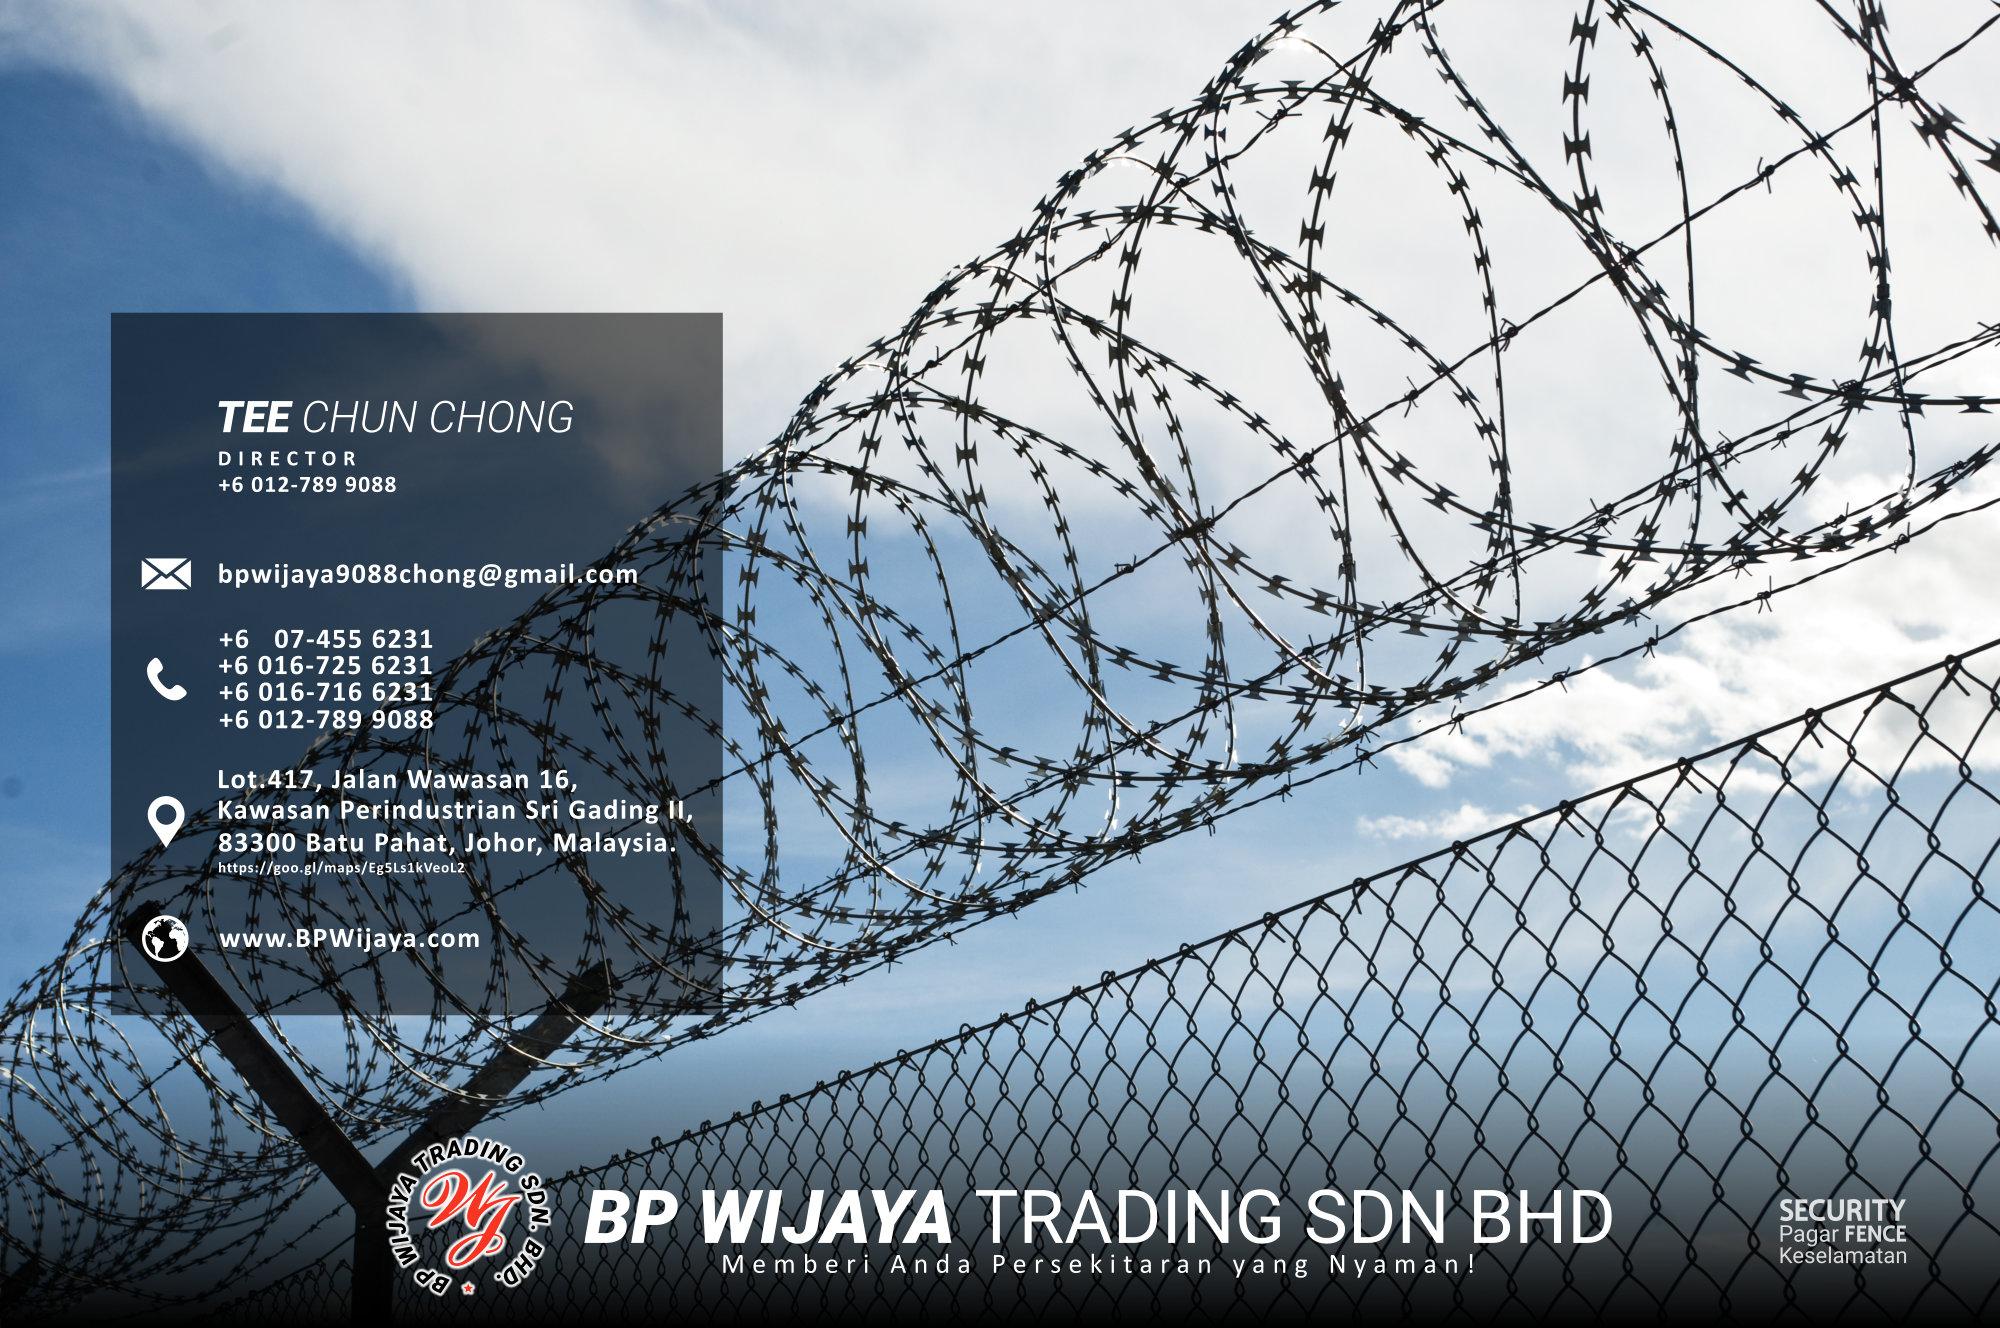 Pembekal Kuala Lumpur Pagar Keselamatan kami merupakan pengilang pagar keselamatan BP Wijaya Trading Sdn Bhd Pagar Taman Pagar Bangunan Pagar Kilang Pagar Rumah Pemborong Pagar Keselamatan A03-003